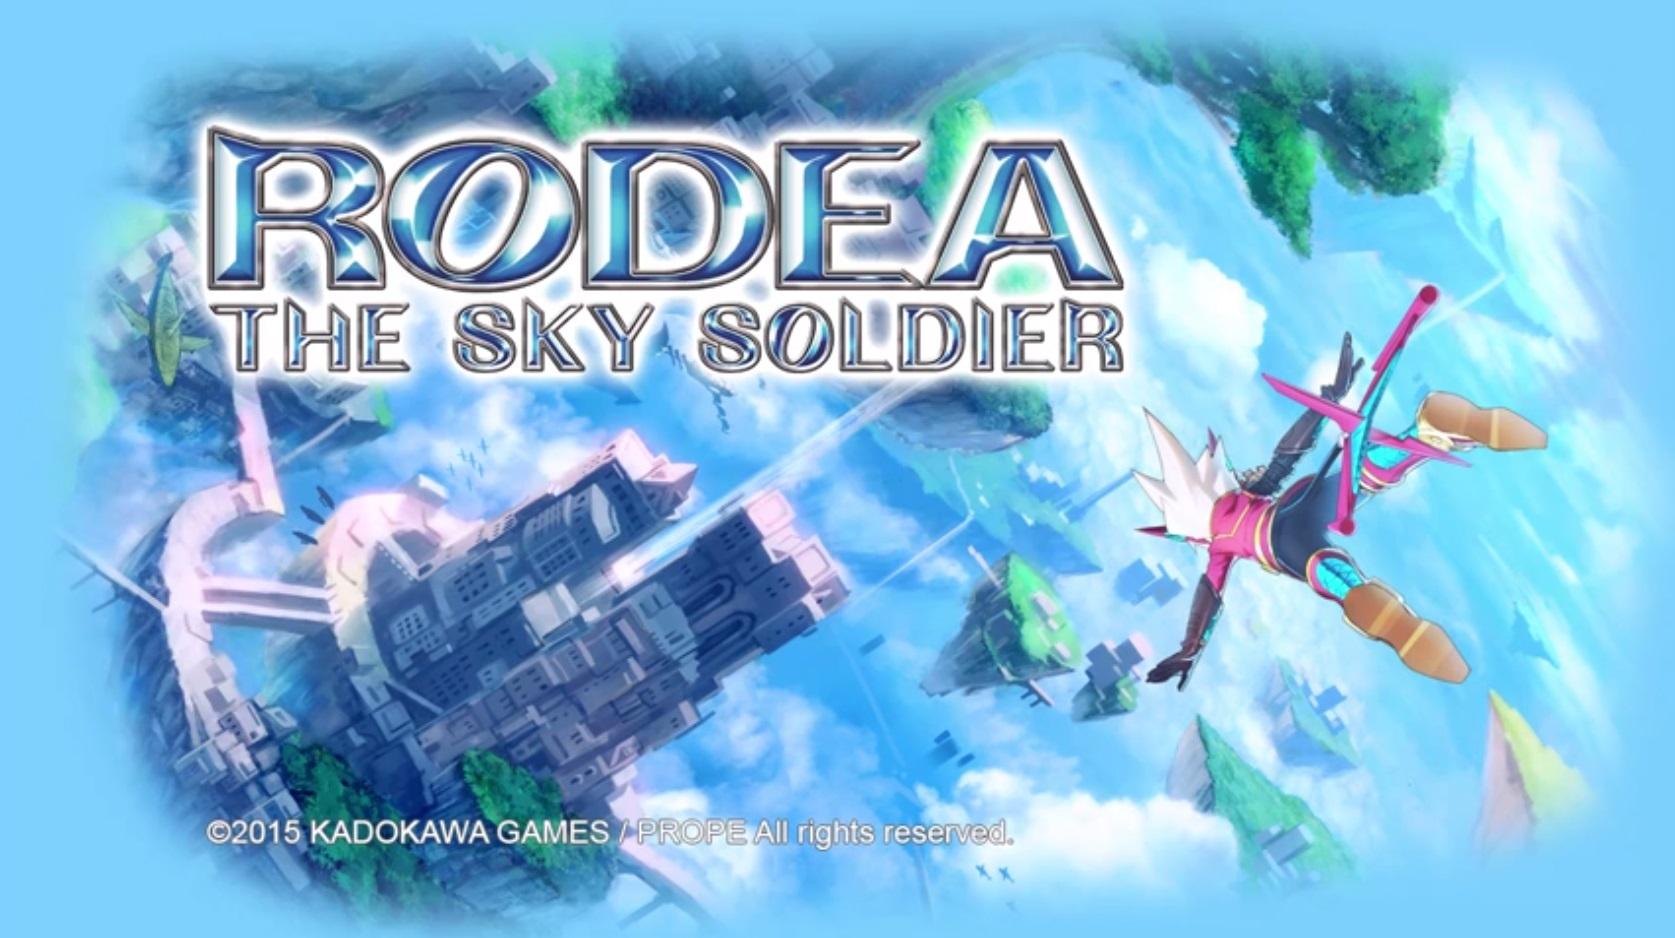 Rodea-the-Sky-Soldier-retrasa-su-lanzamiento-en-Europa-y-Norteamérica